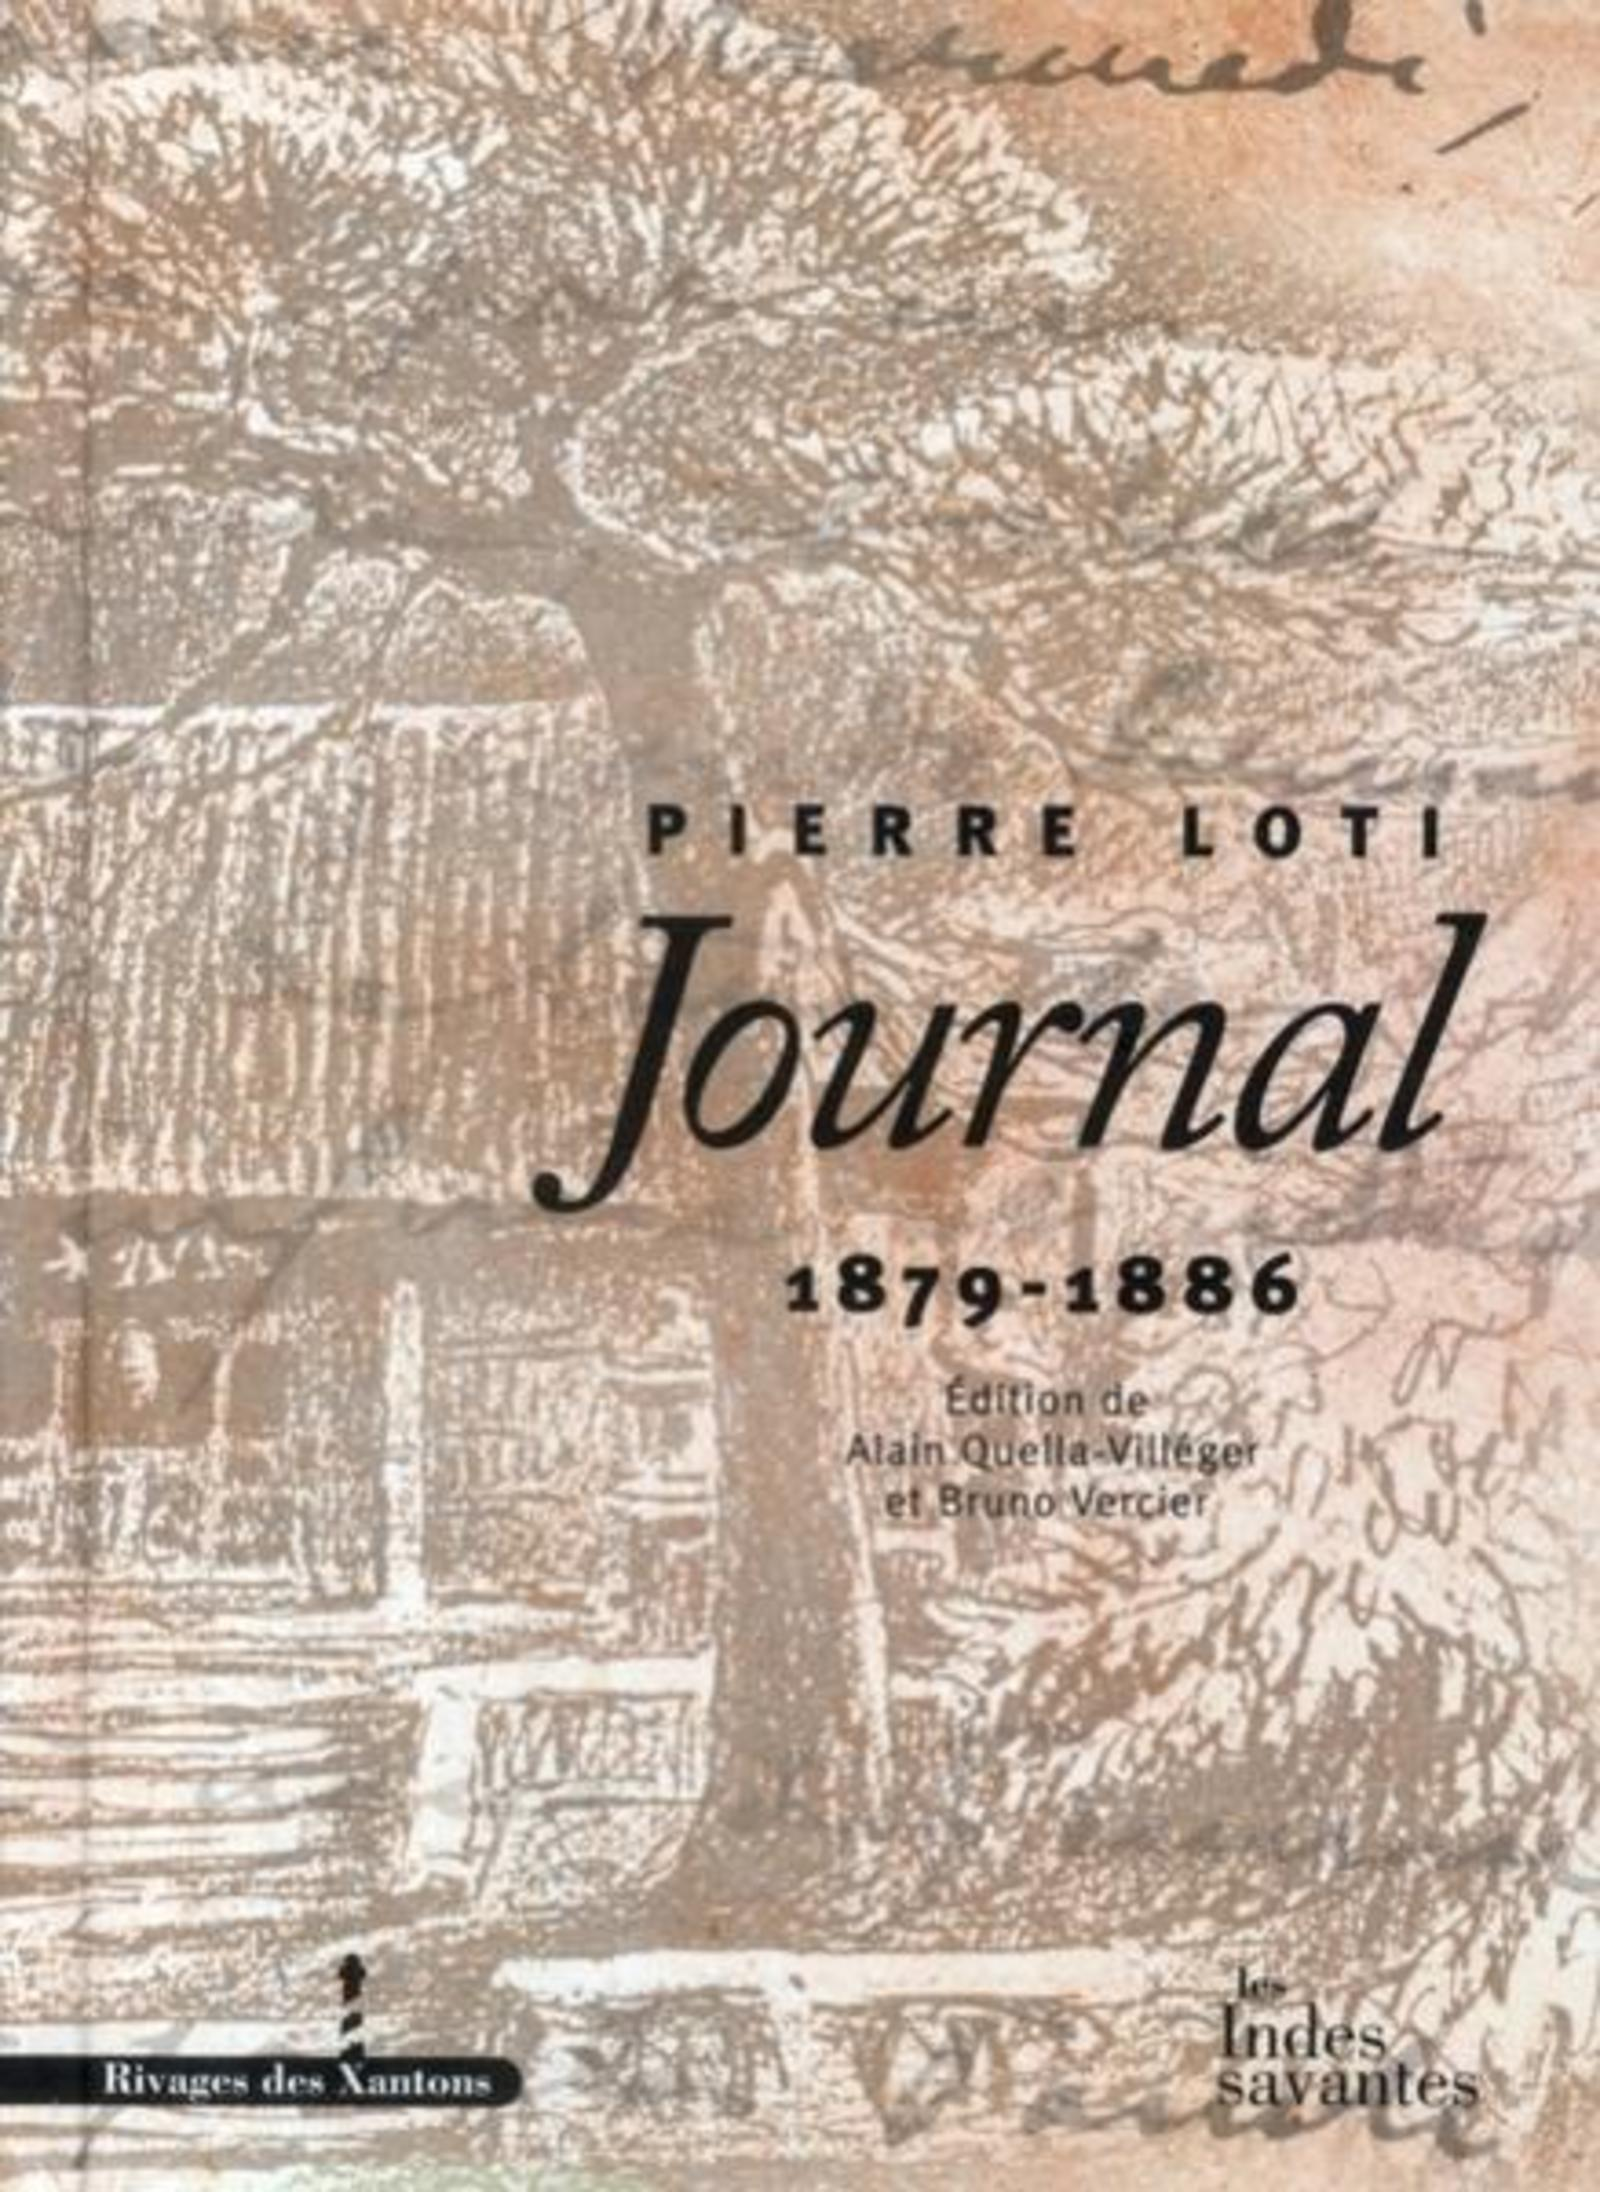 JOURNAL (1879-1886)